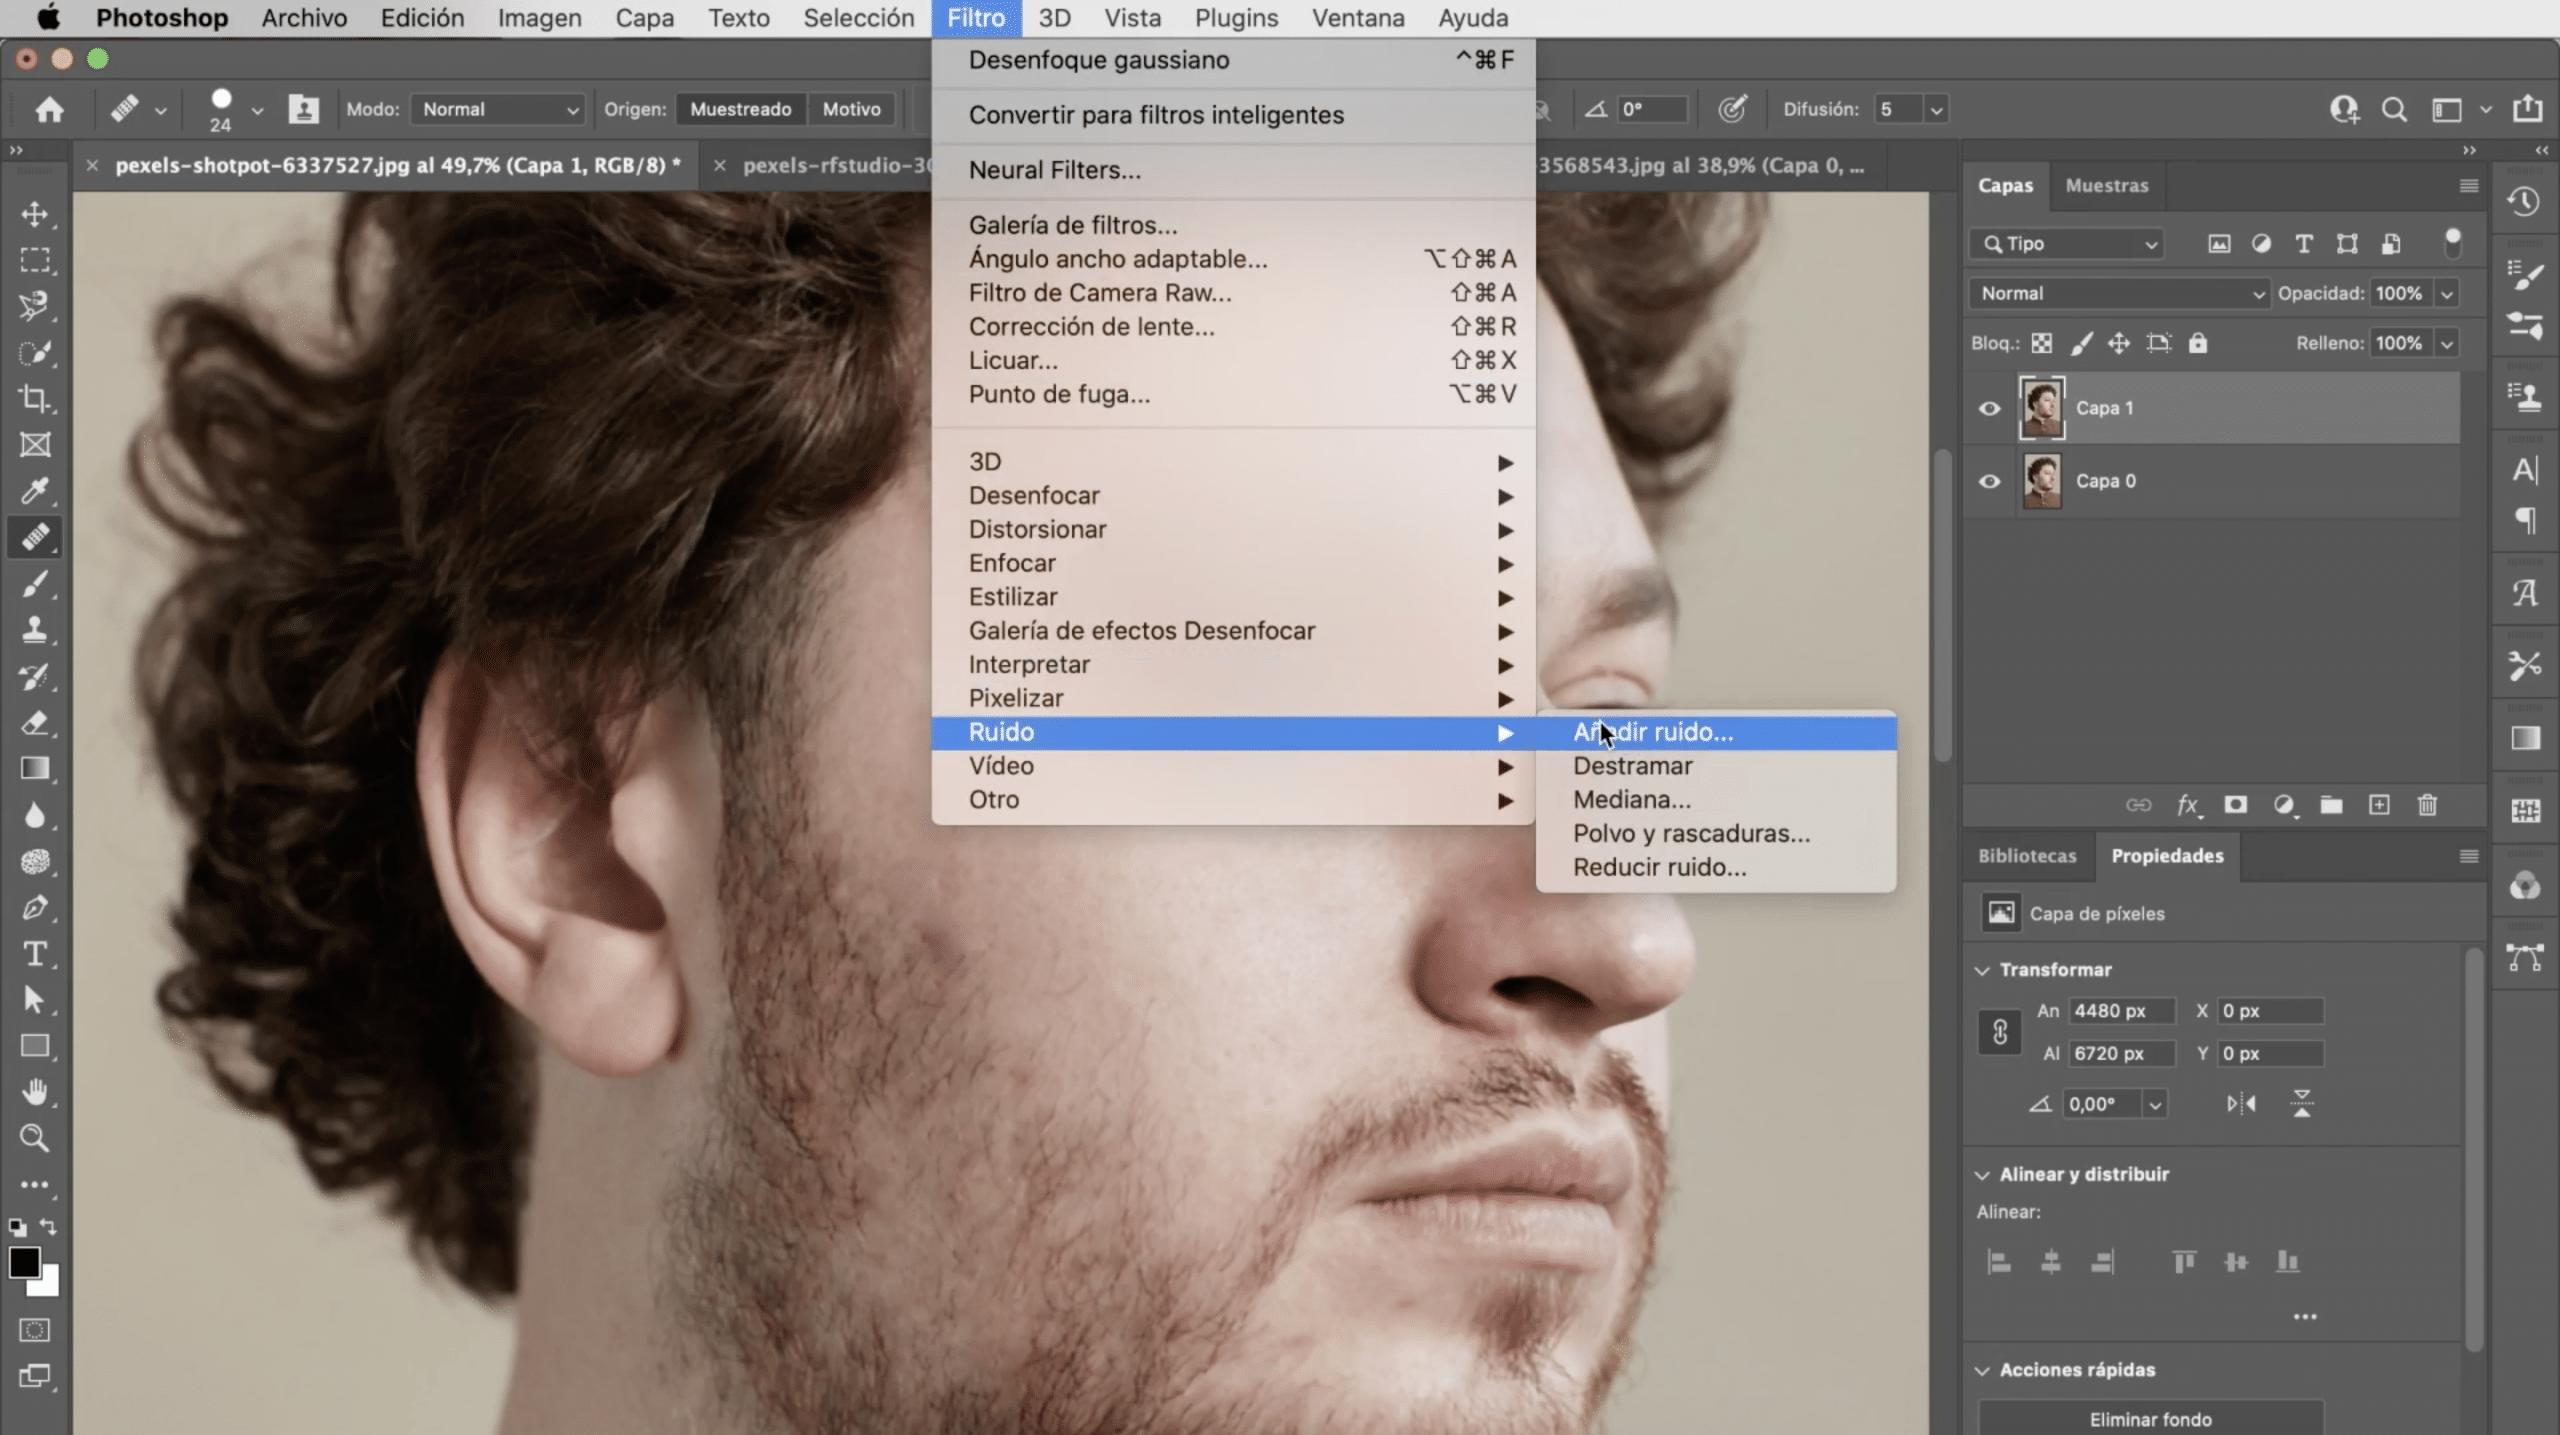 Añadir ruido a la fotografía en Photoshop para suavizar la piel